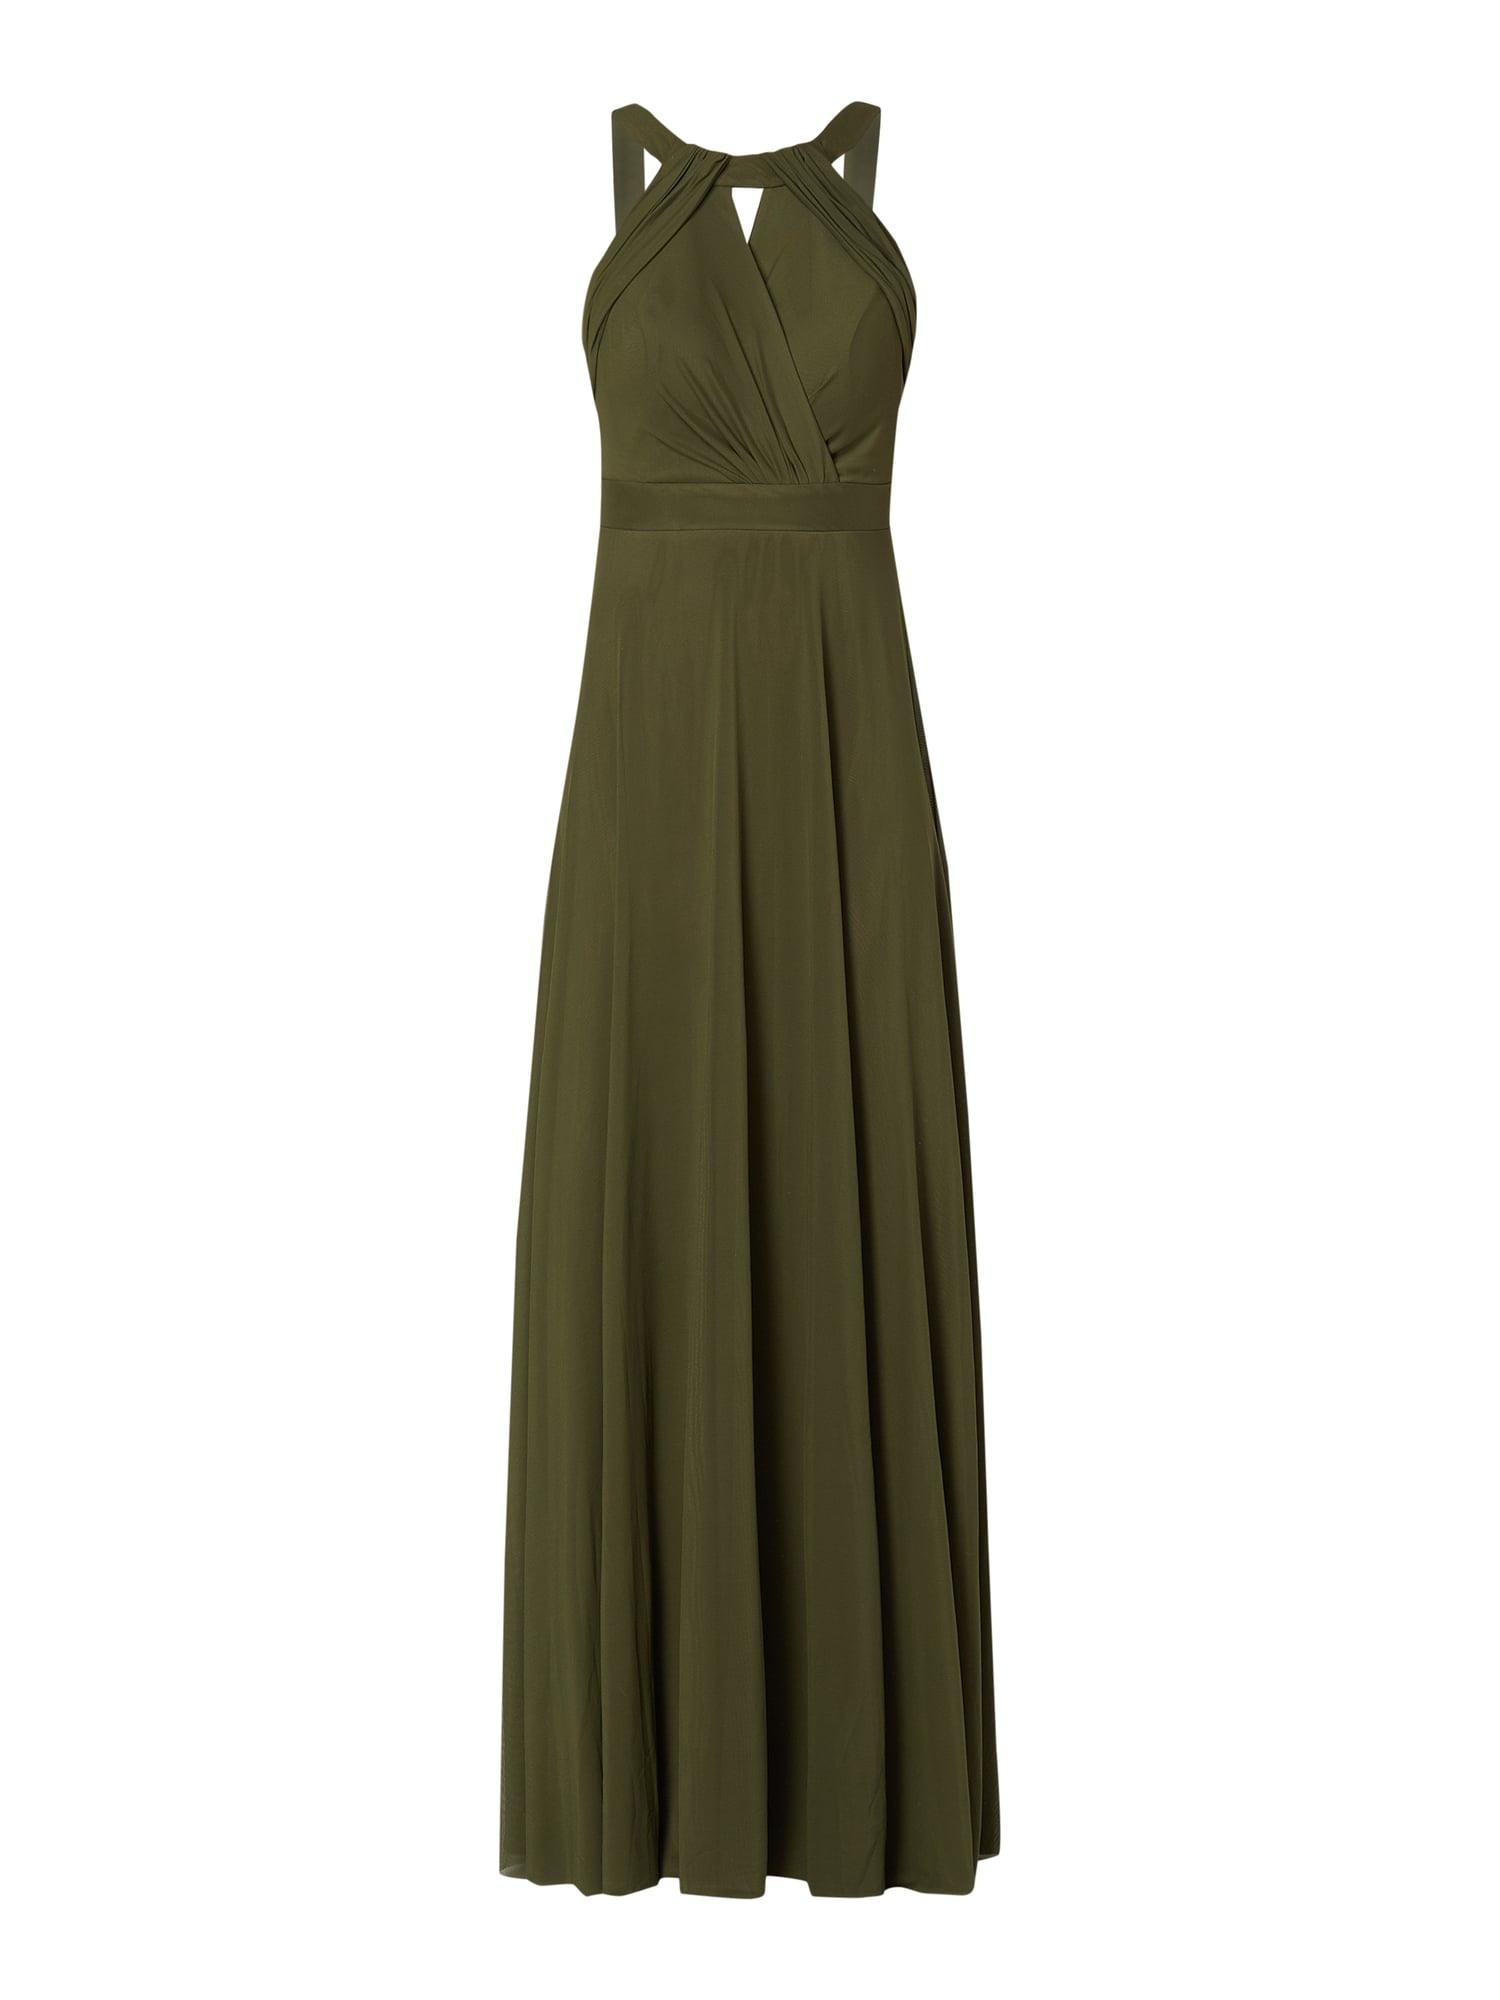 Formal Top Troyden Abendkleid Stylish20 Leicht Troyden Abendkleid Vertrieb